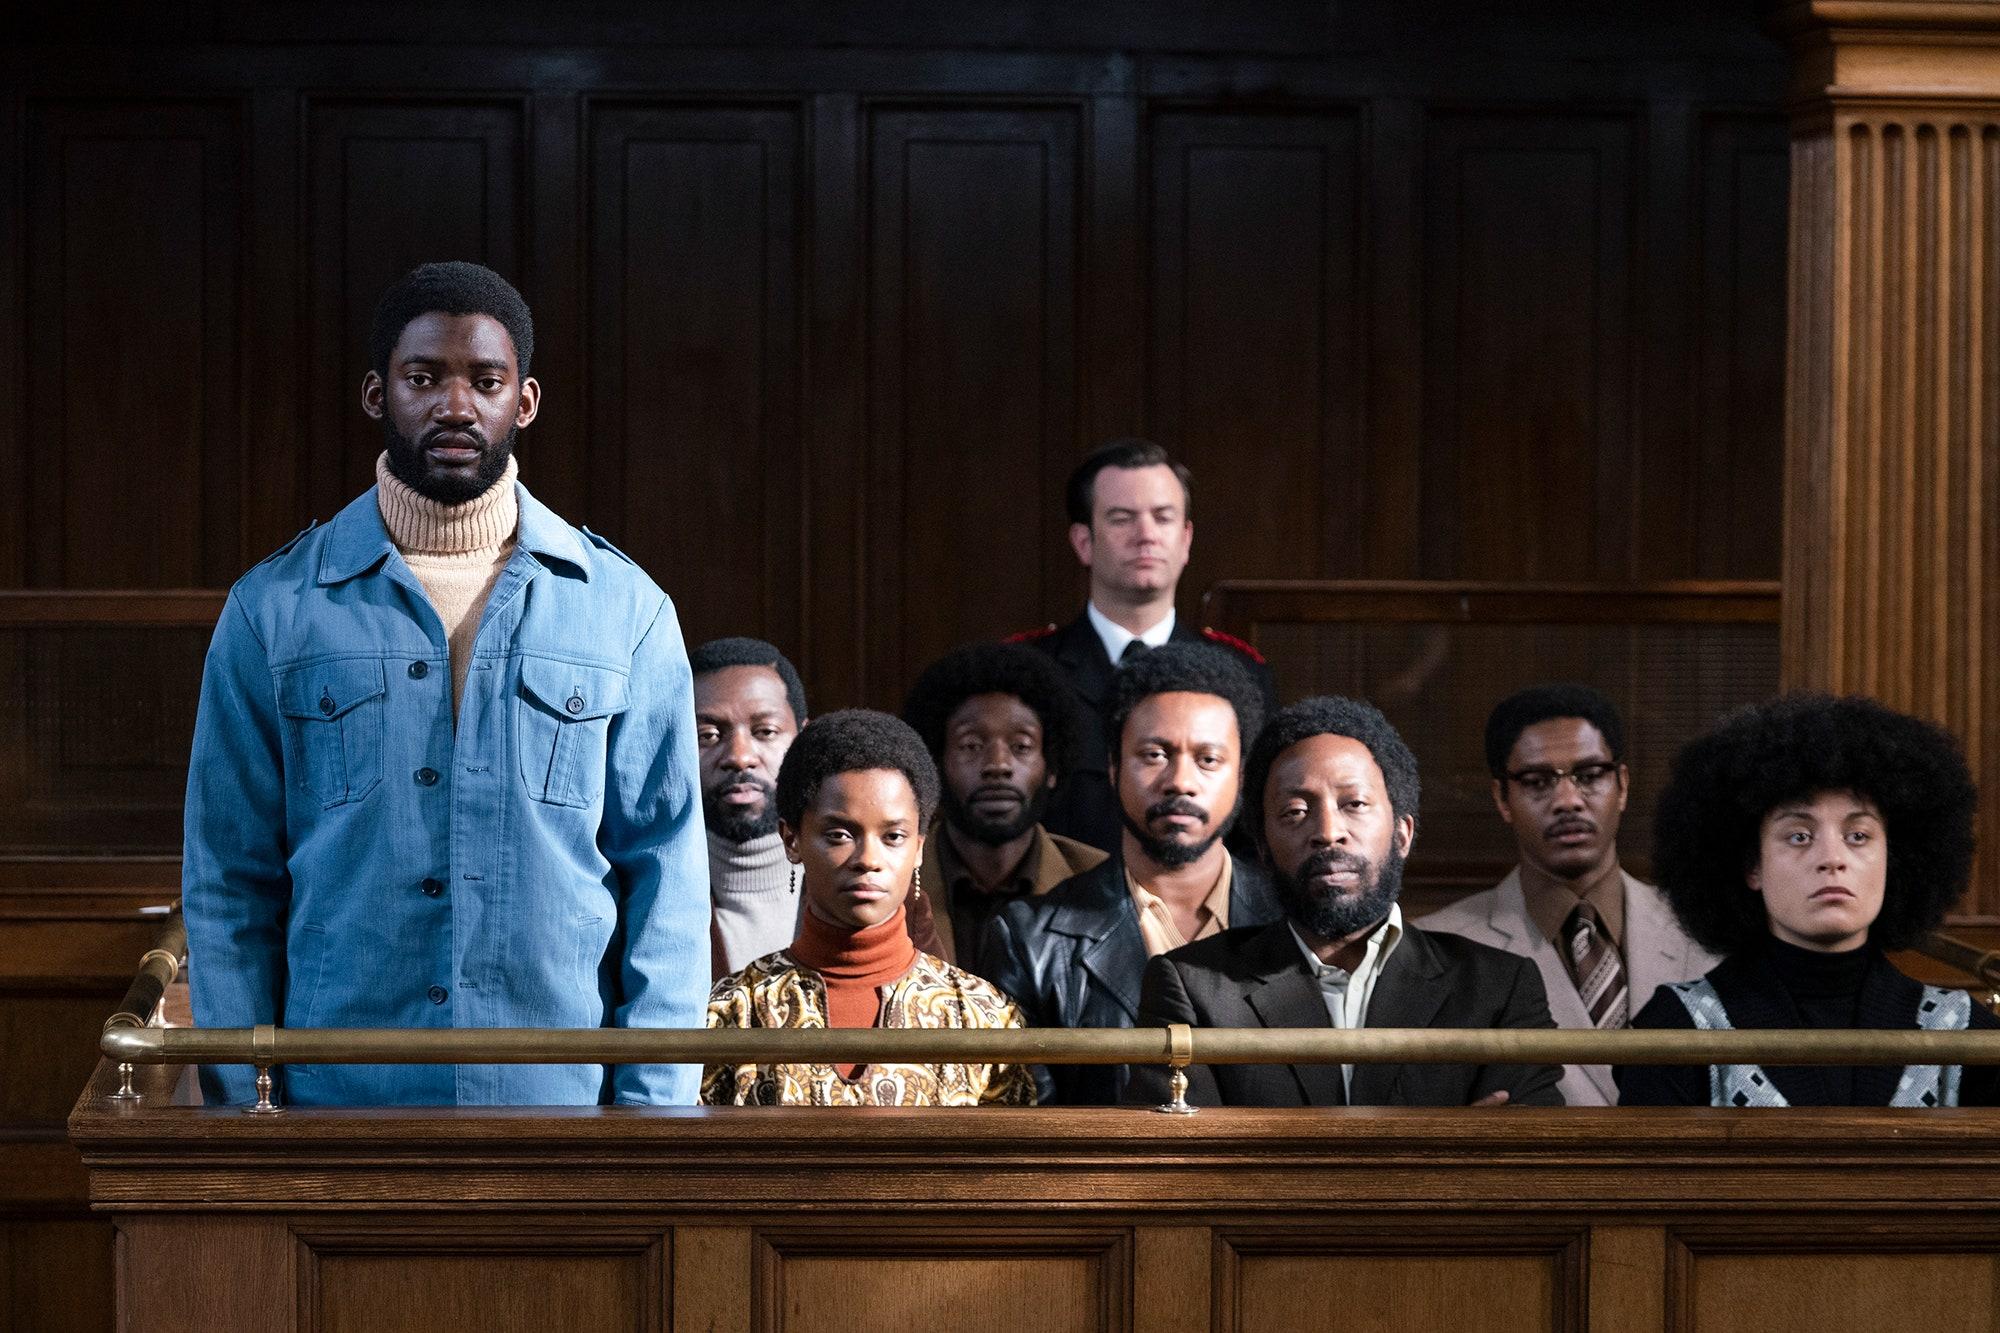 Cena do filme Mangrove, parte da antologia Small Axe. A cena mostra um homem negro, vestindo blusa jeans, em pé no tribunal. Atrás dele, estão sentadas uma porção de pessoas, todas negras, olhando para frente.